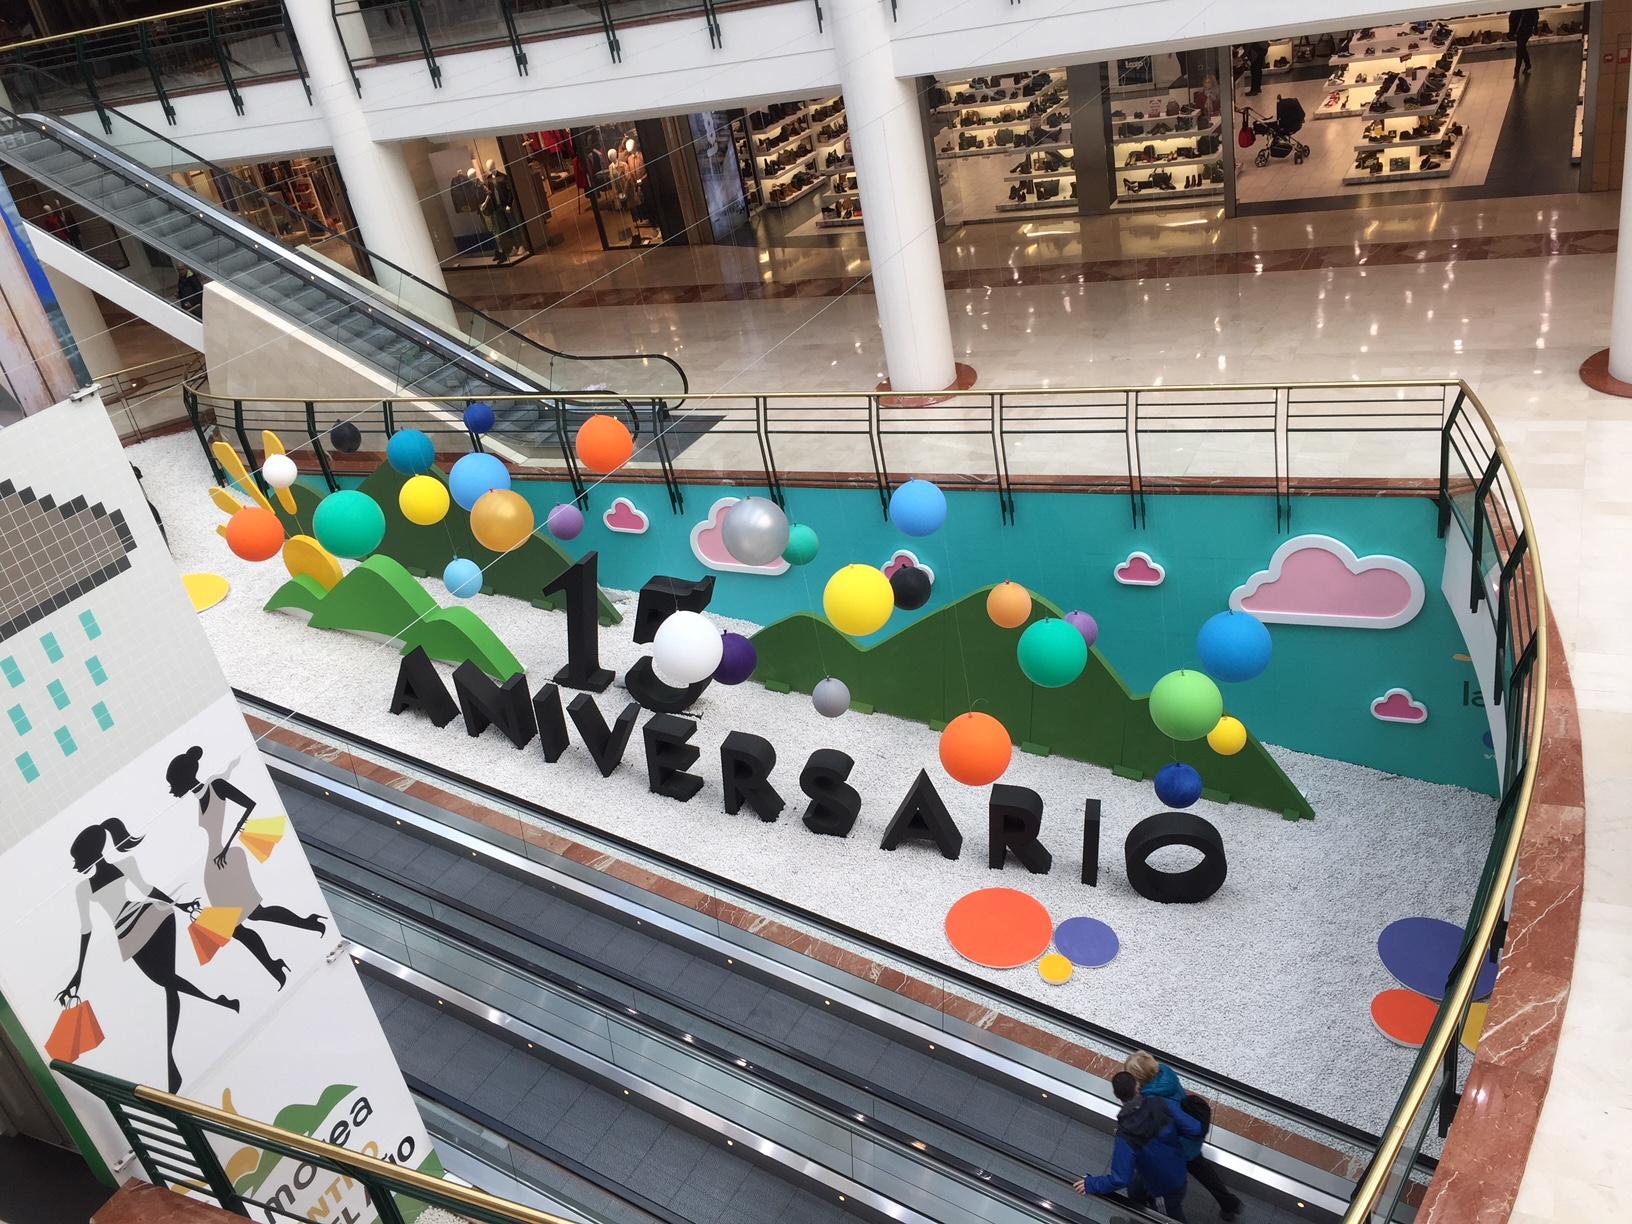 decoración_decorado_atrezzo_teatro_escenografia_letras_aniversario_poliestireno_ocio_centrocomercial_pamplona_ESTELLA_NAVARRA_IMPRESIÓN_DISEÑO_VINILOS_ROTULACIÓN